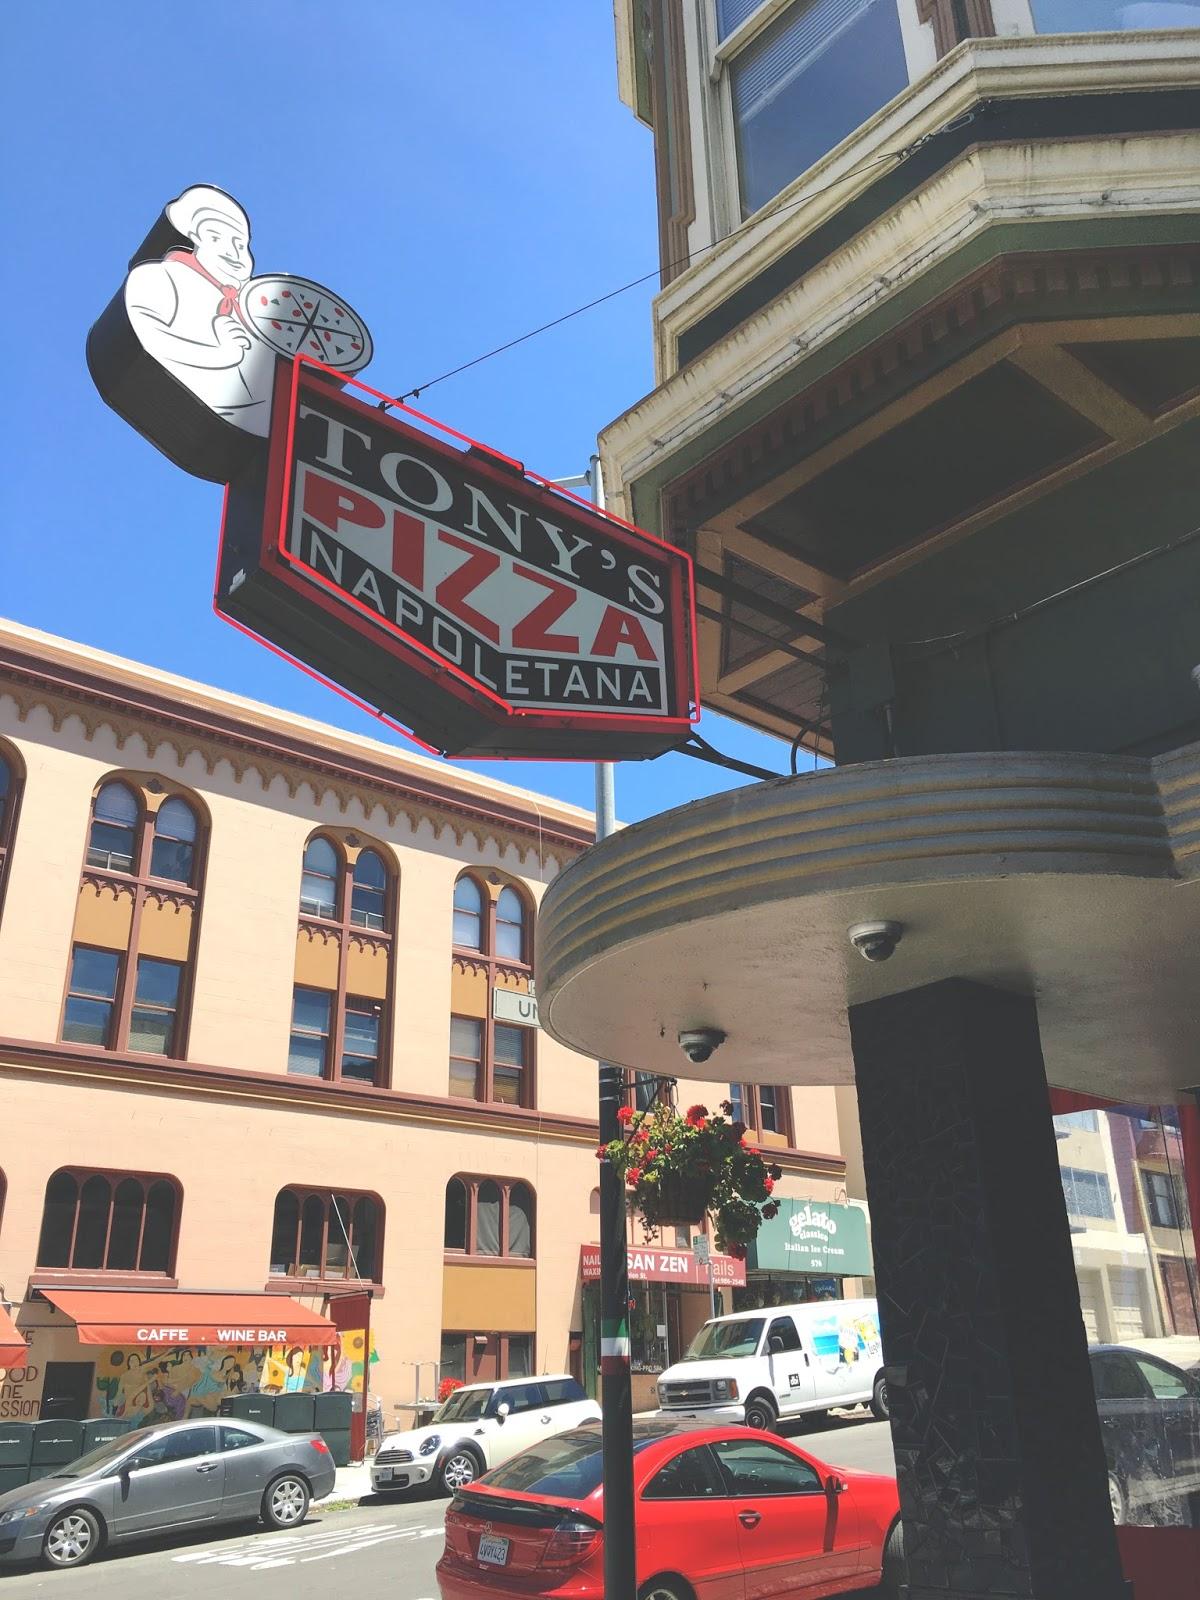 Tony's Pizza Napoletana - a restaurant in San Francisco, California